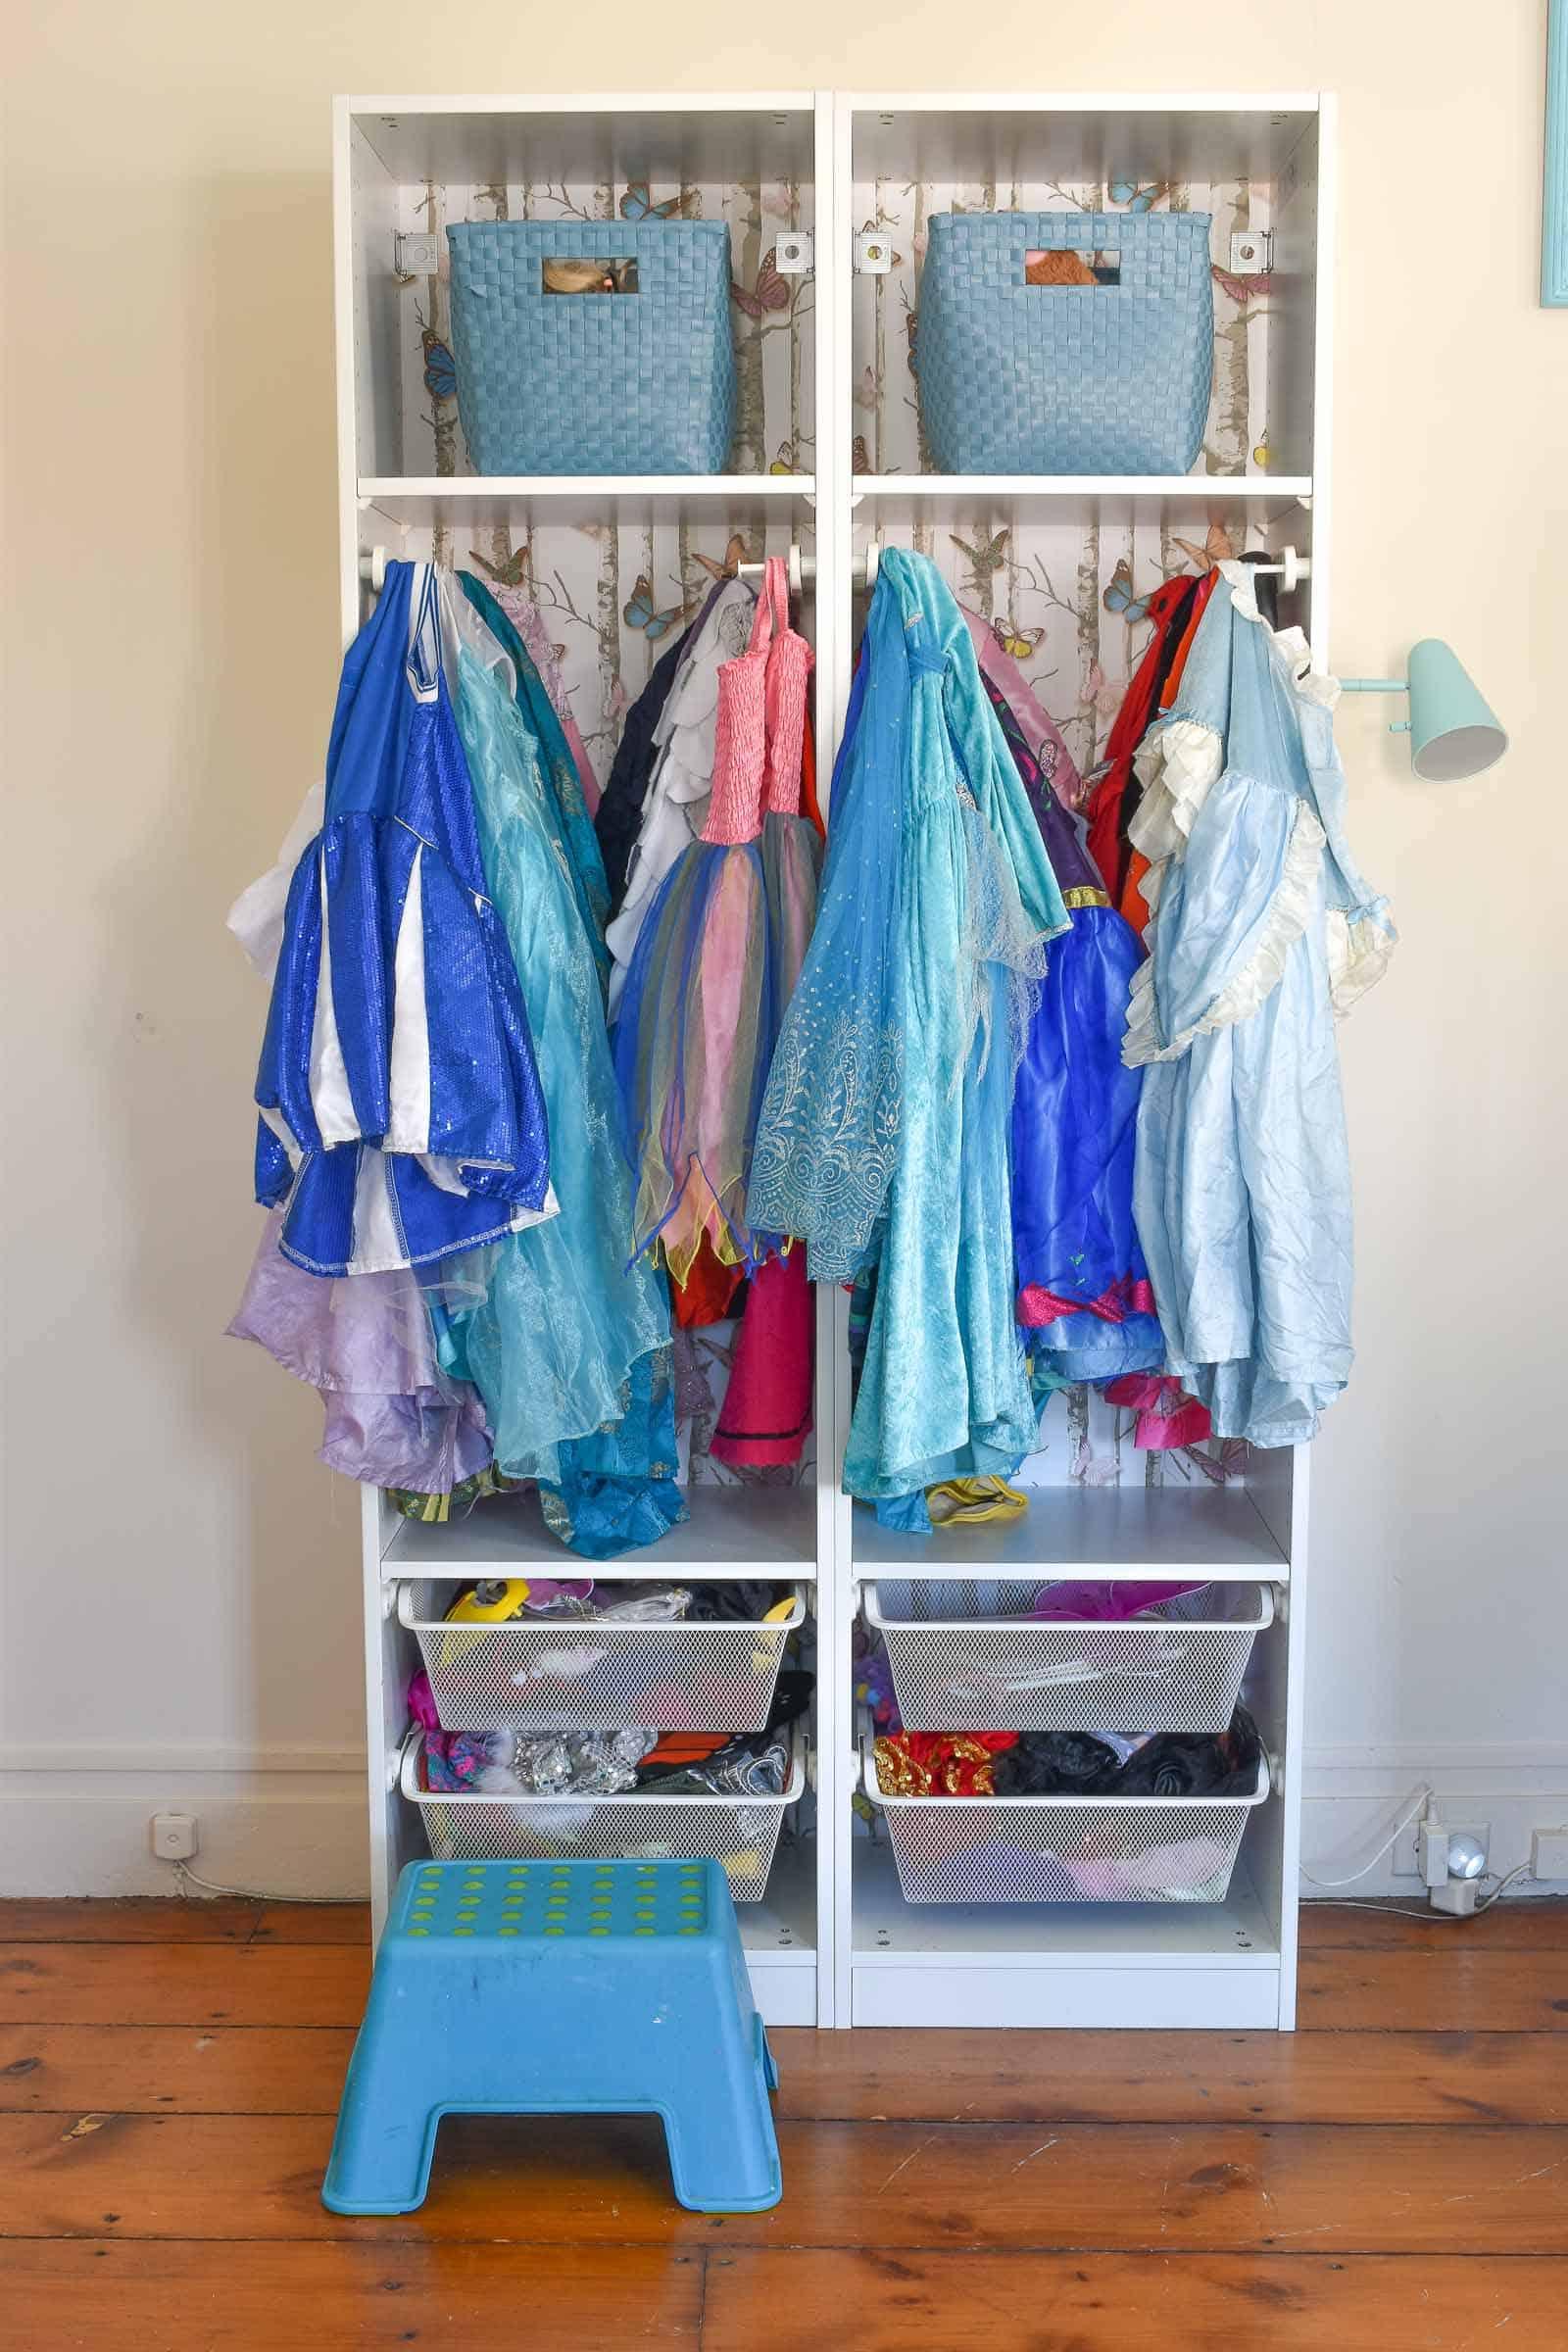 PAX dress up storage